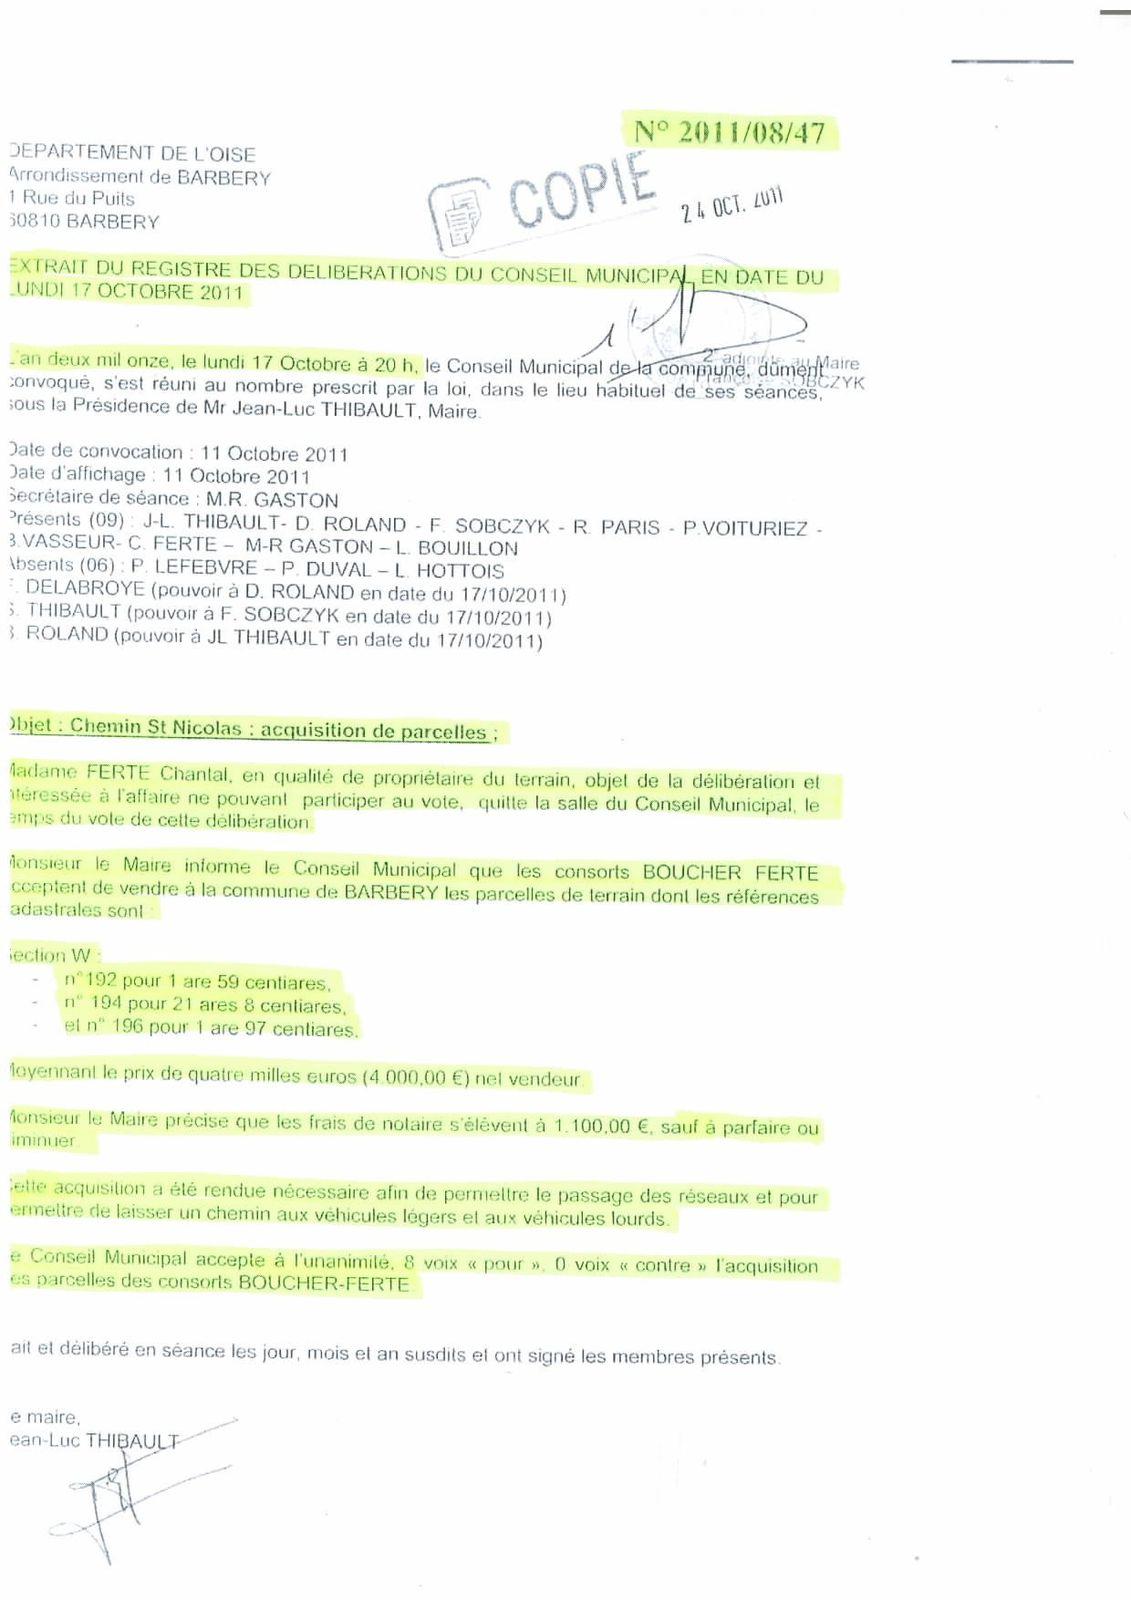 EXTRAIT-ACHAT-PARCELLES-FERTE-17-10-2011.jpg